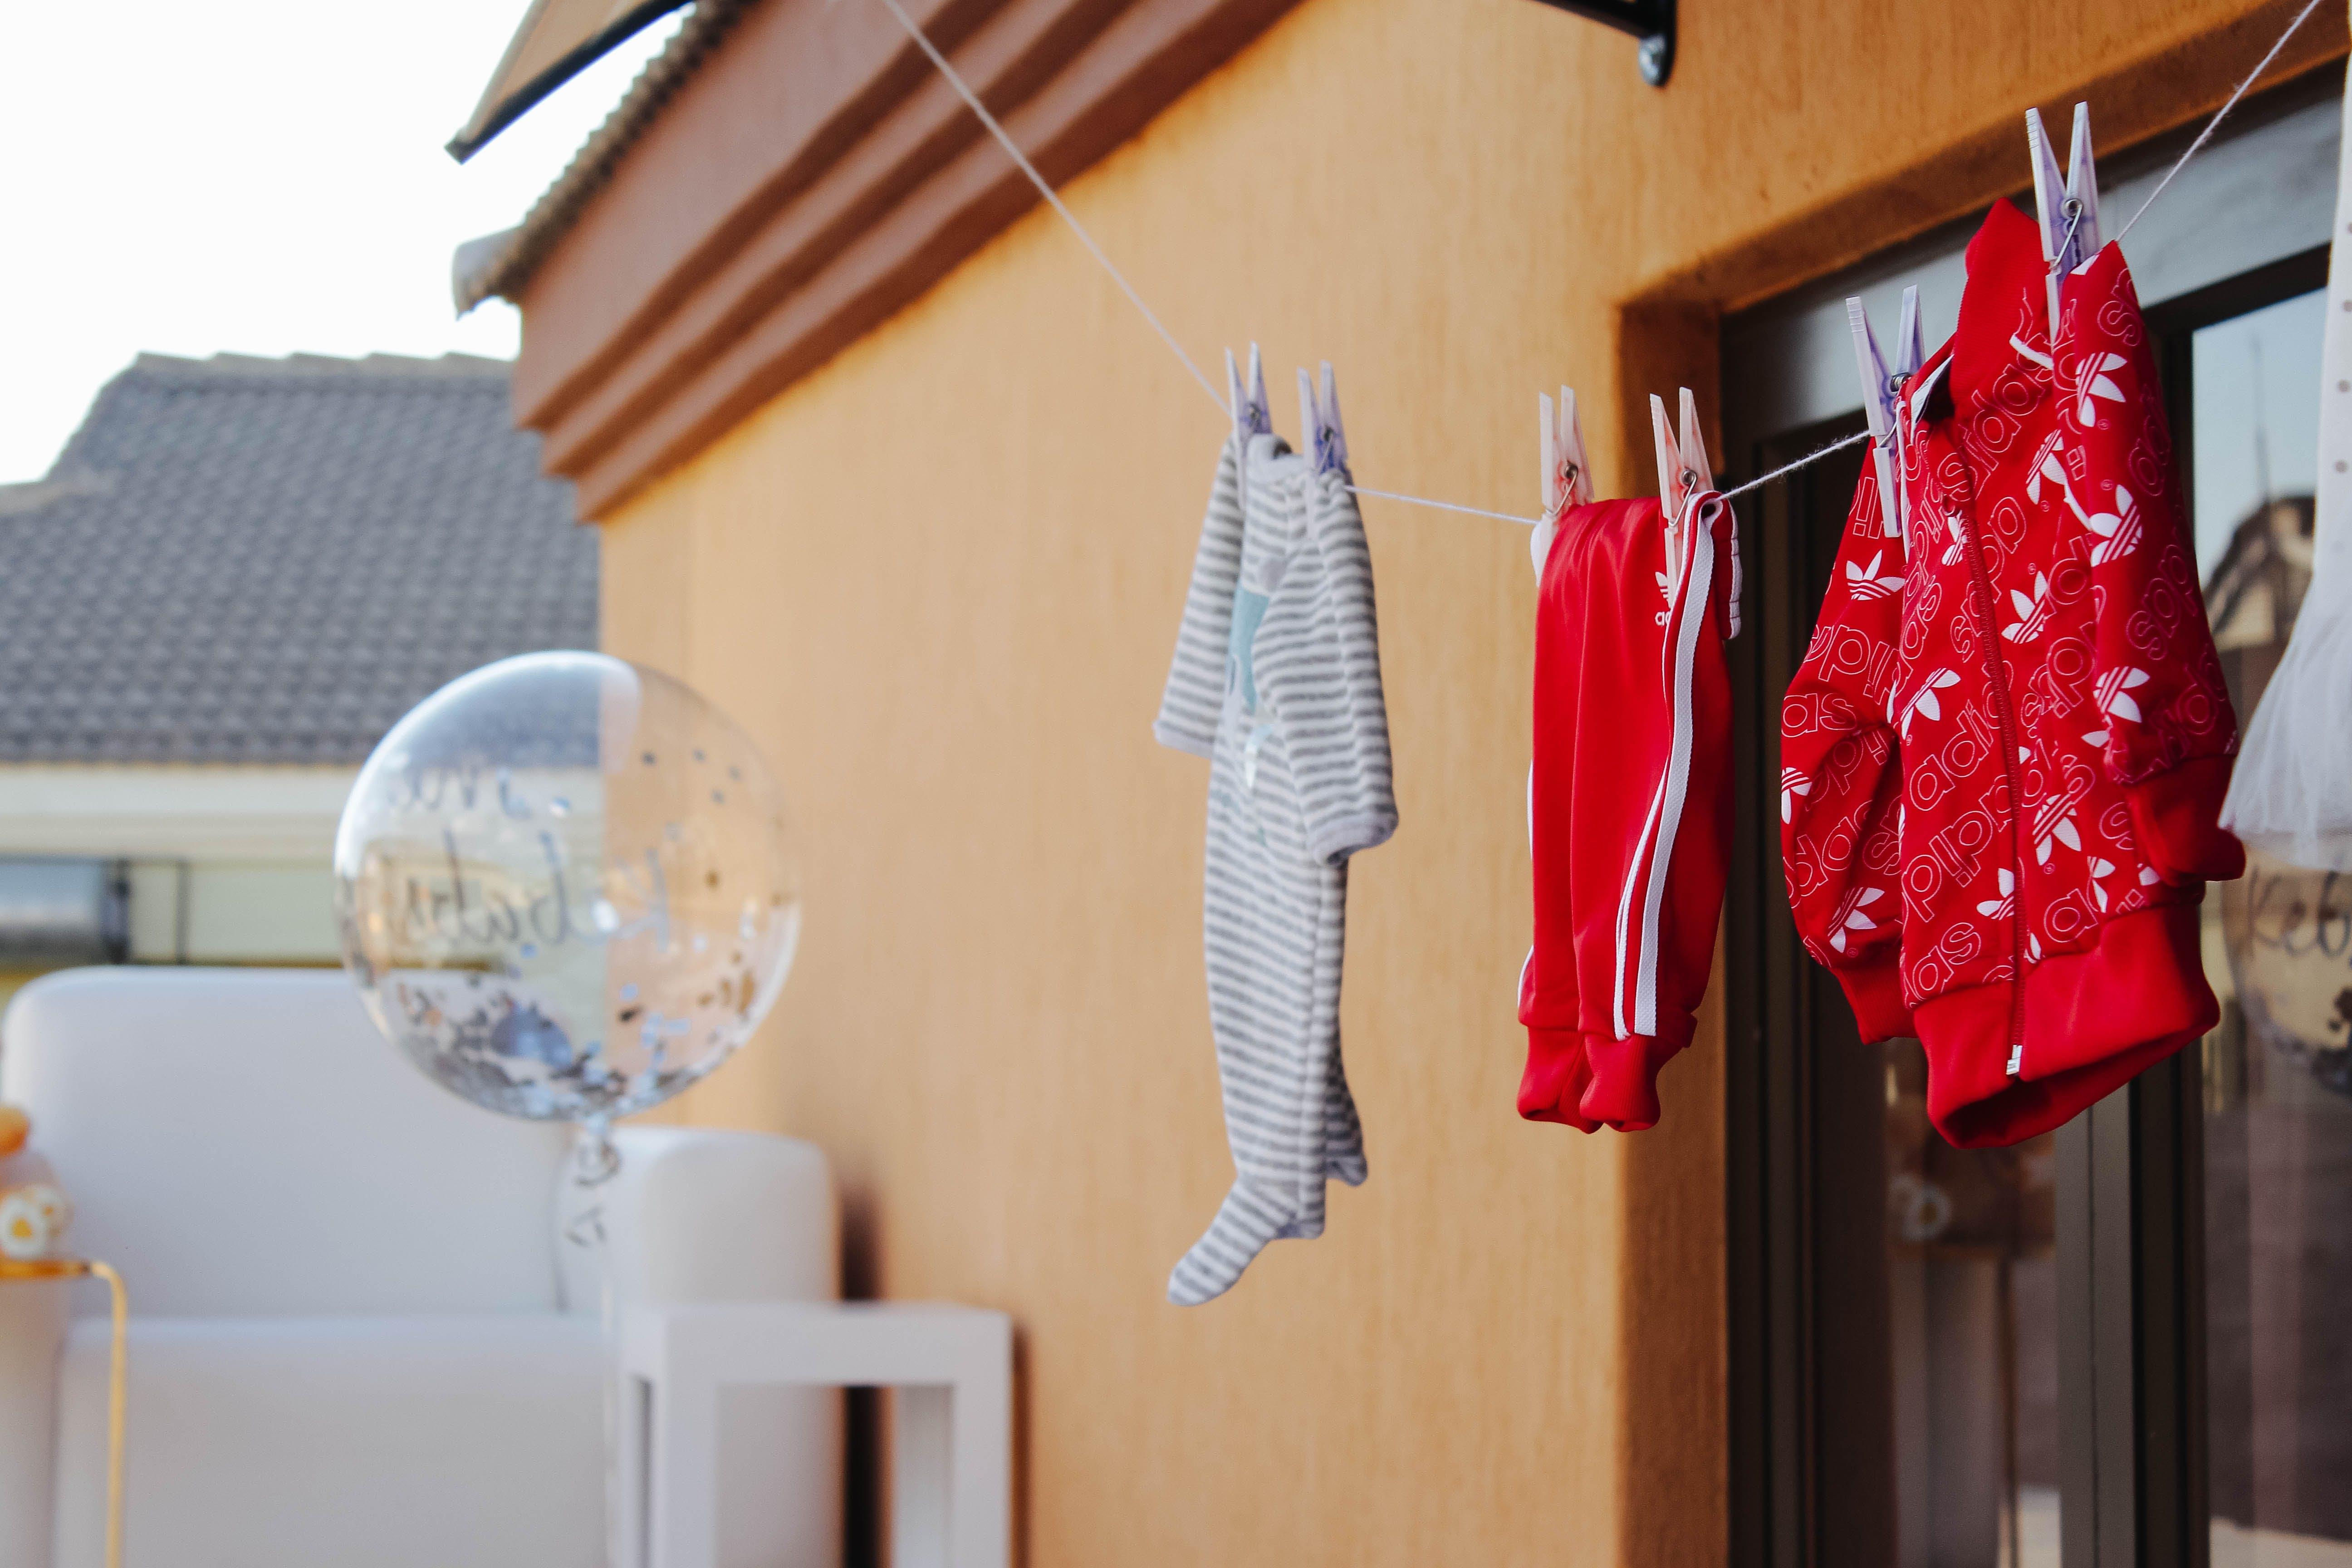 asılı, balon, bardak, cam eşyalar içeren Ücretsiz stok fotoğraf